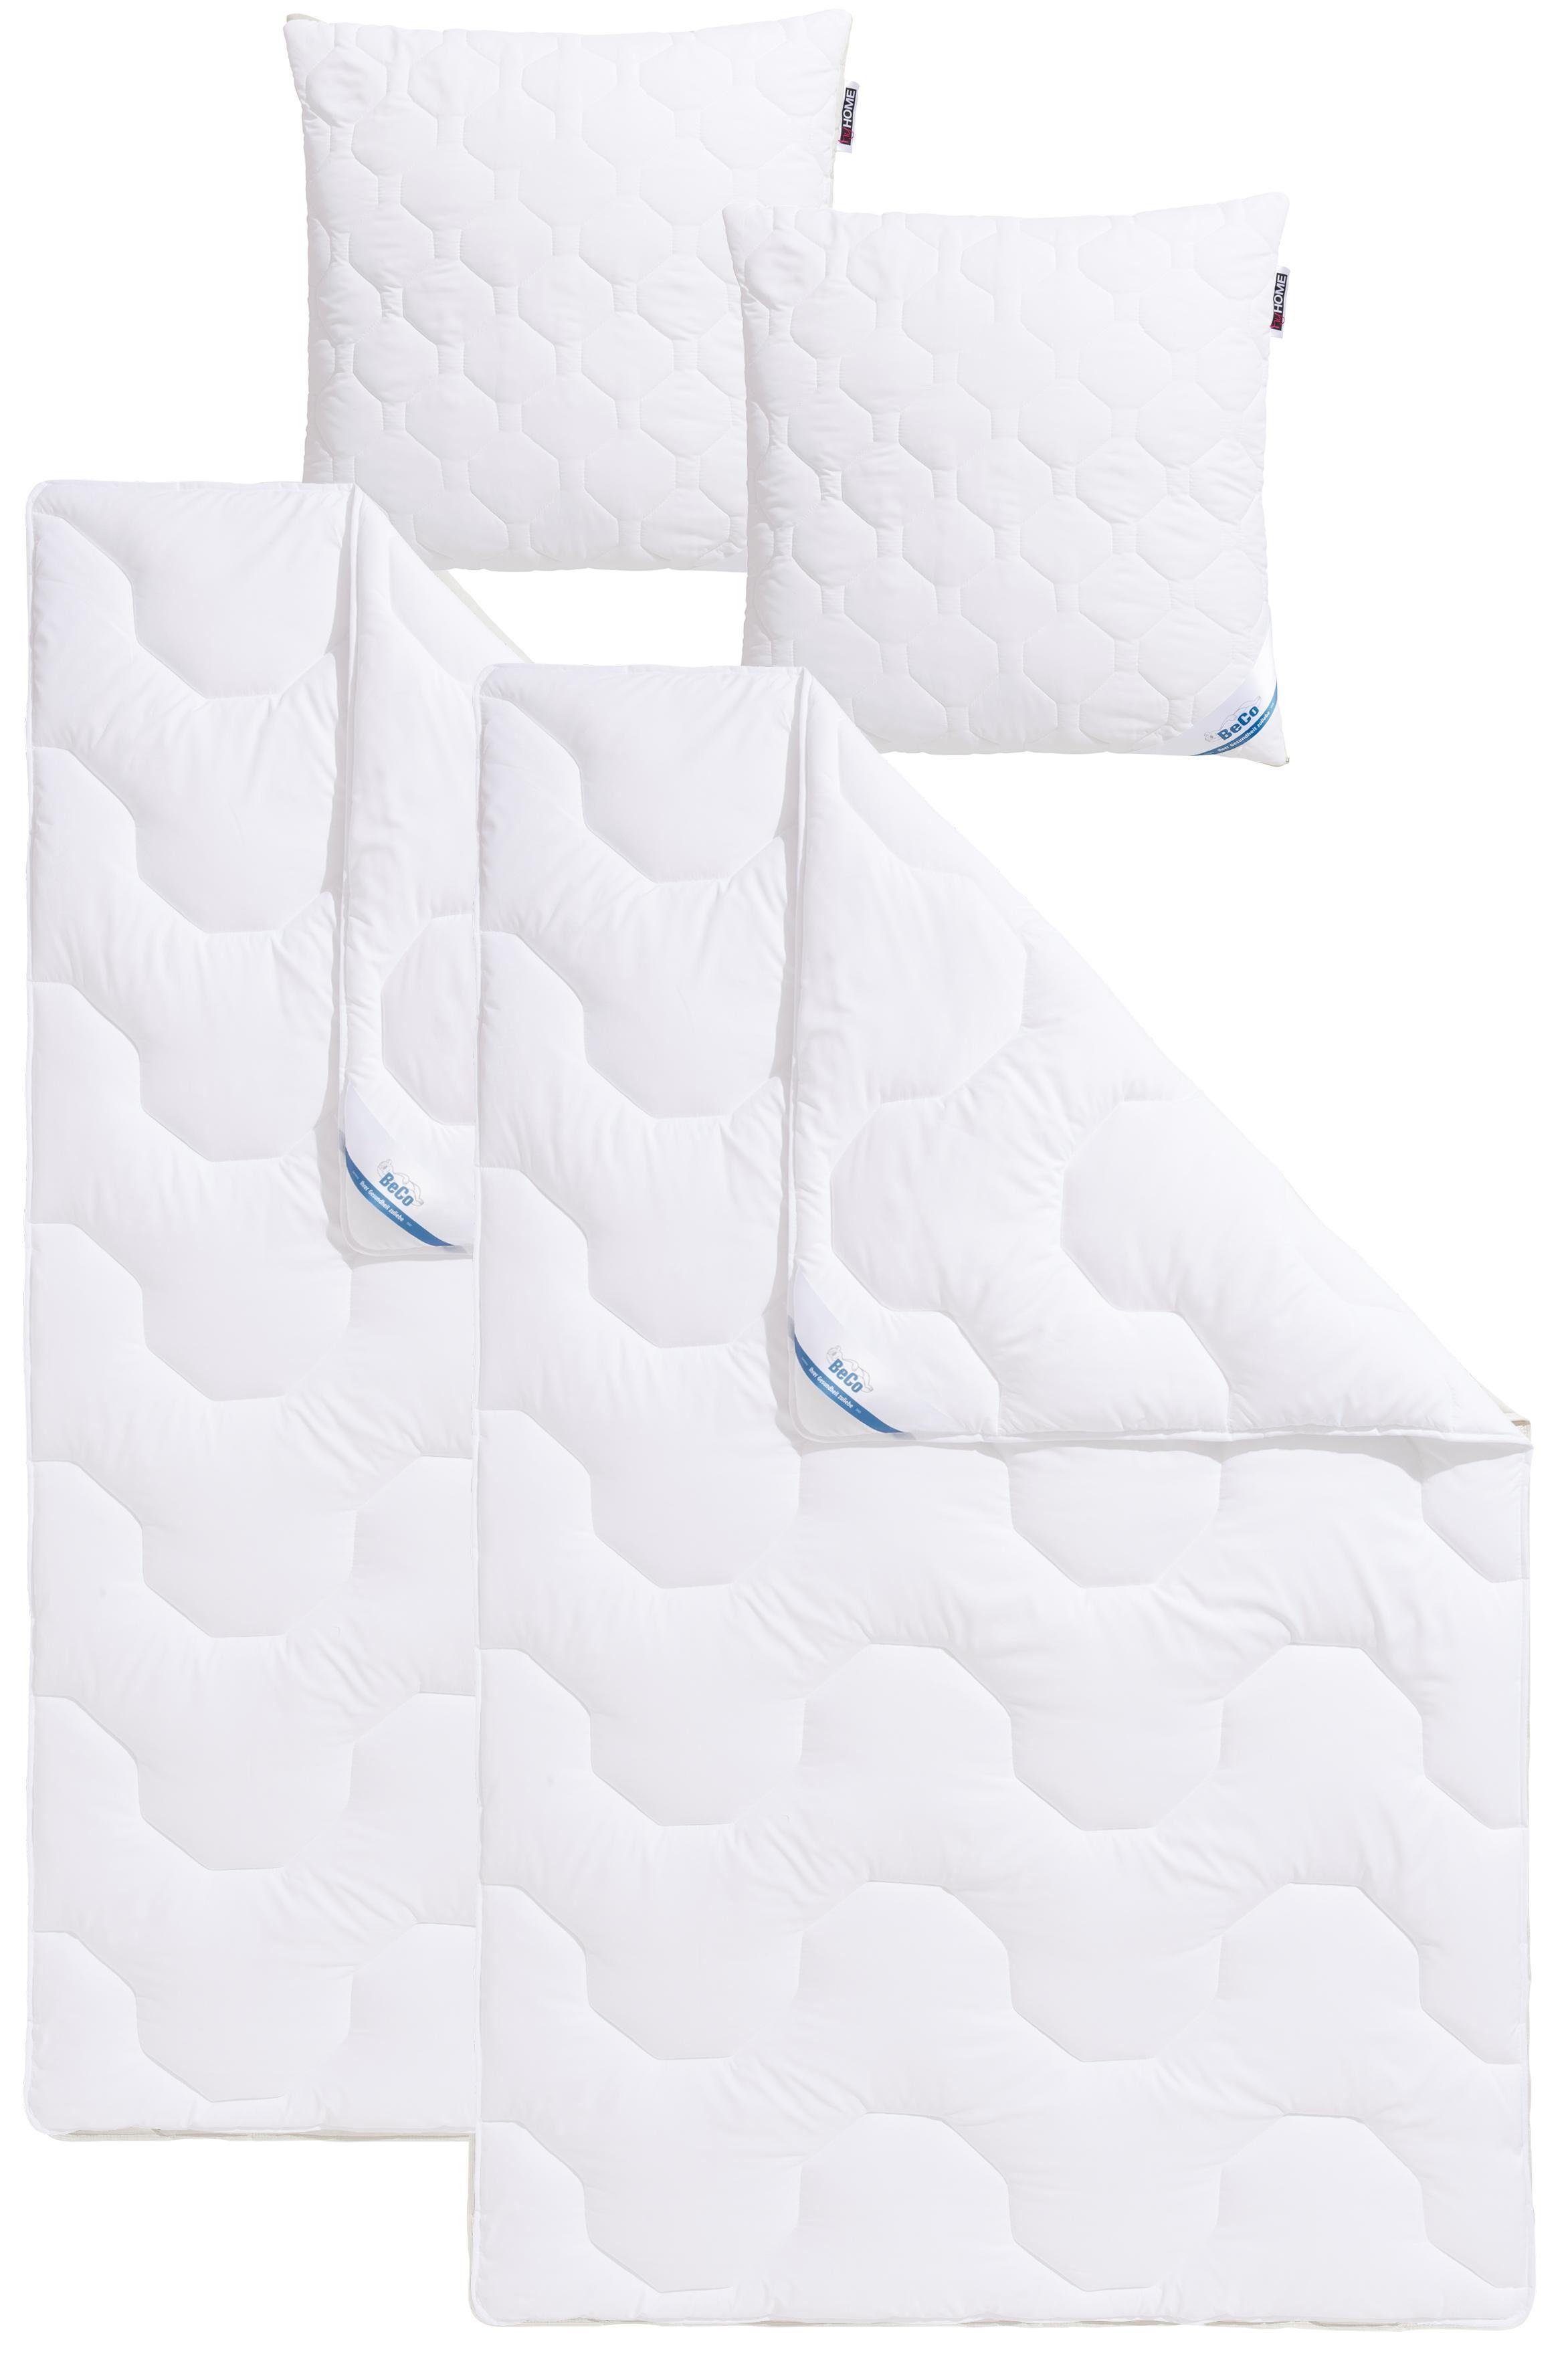 Set: Kunstfaserbettdecken + Kopfkissen, »Antibac«, BeCo, Normal - antibakteriell, Füllung: 100% Polyester, Bezug: 100% Polyester, kochfest 95°